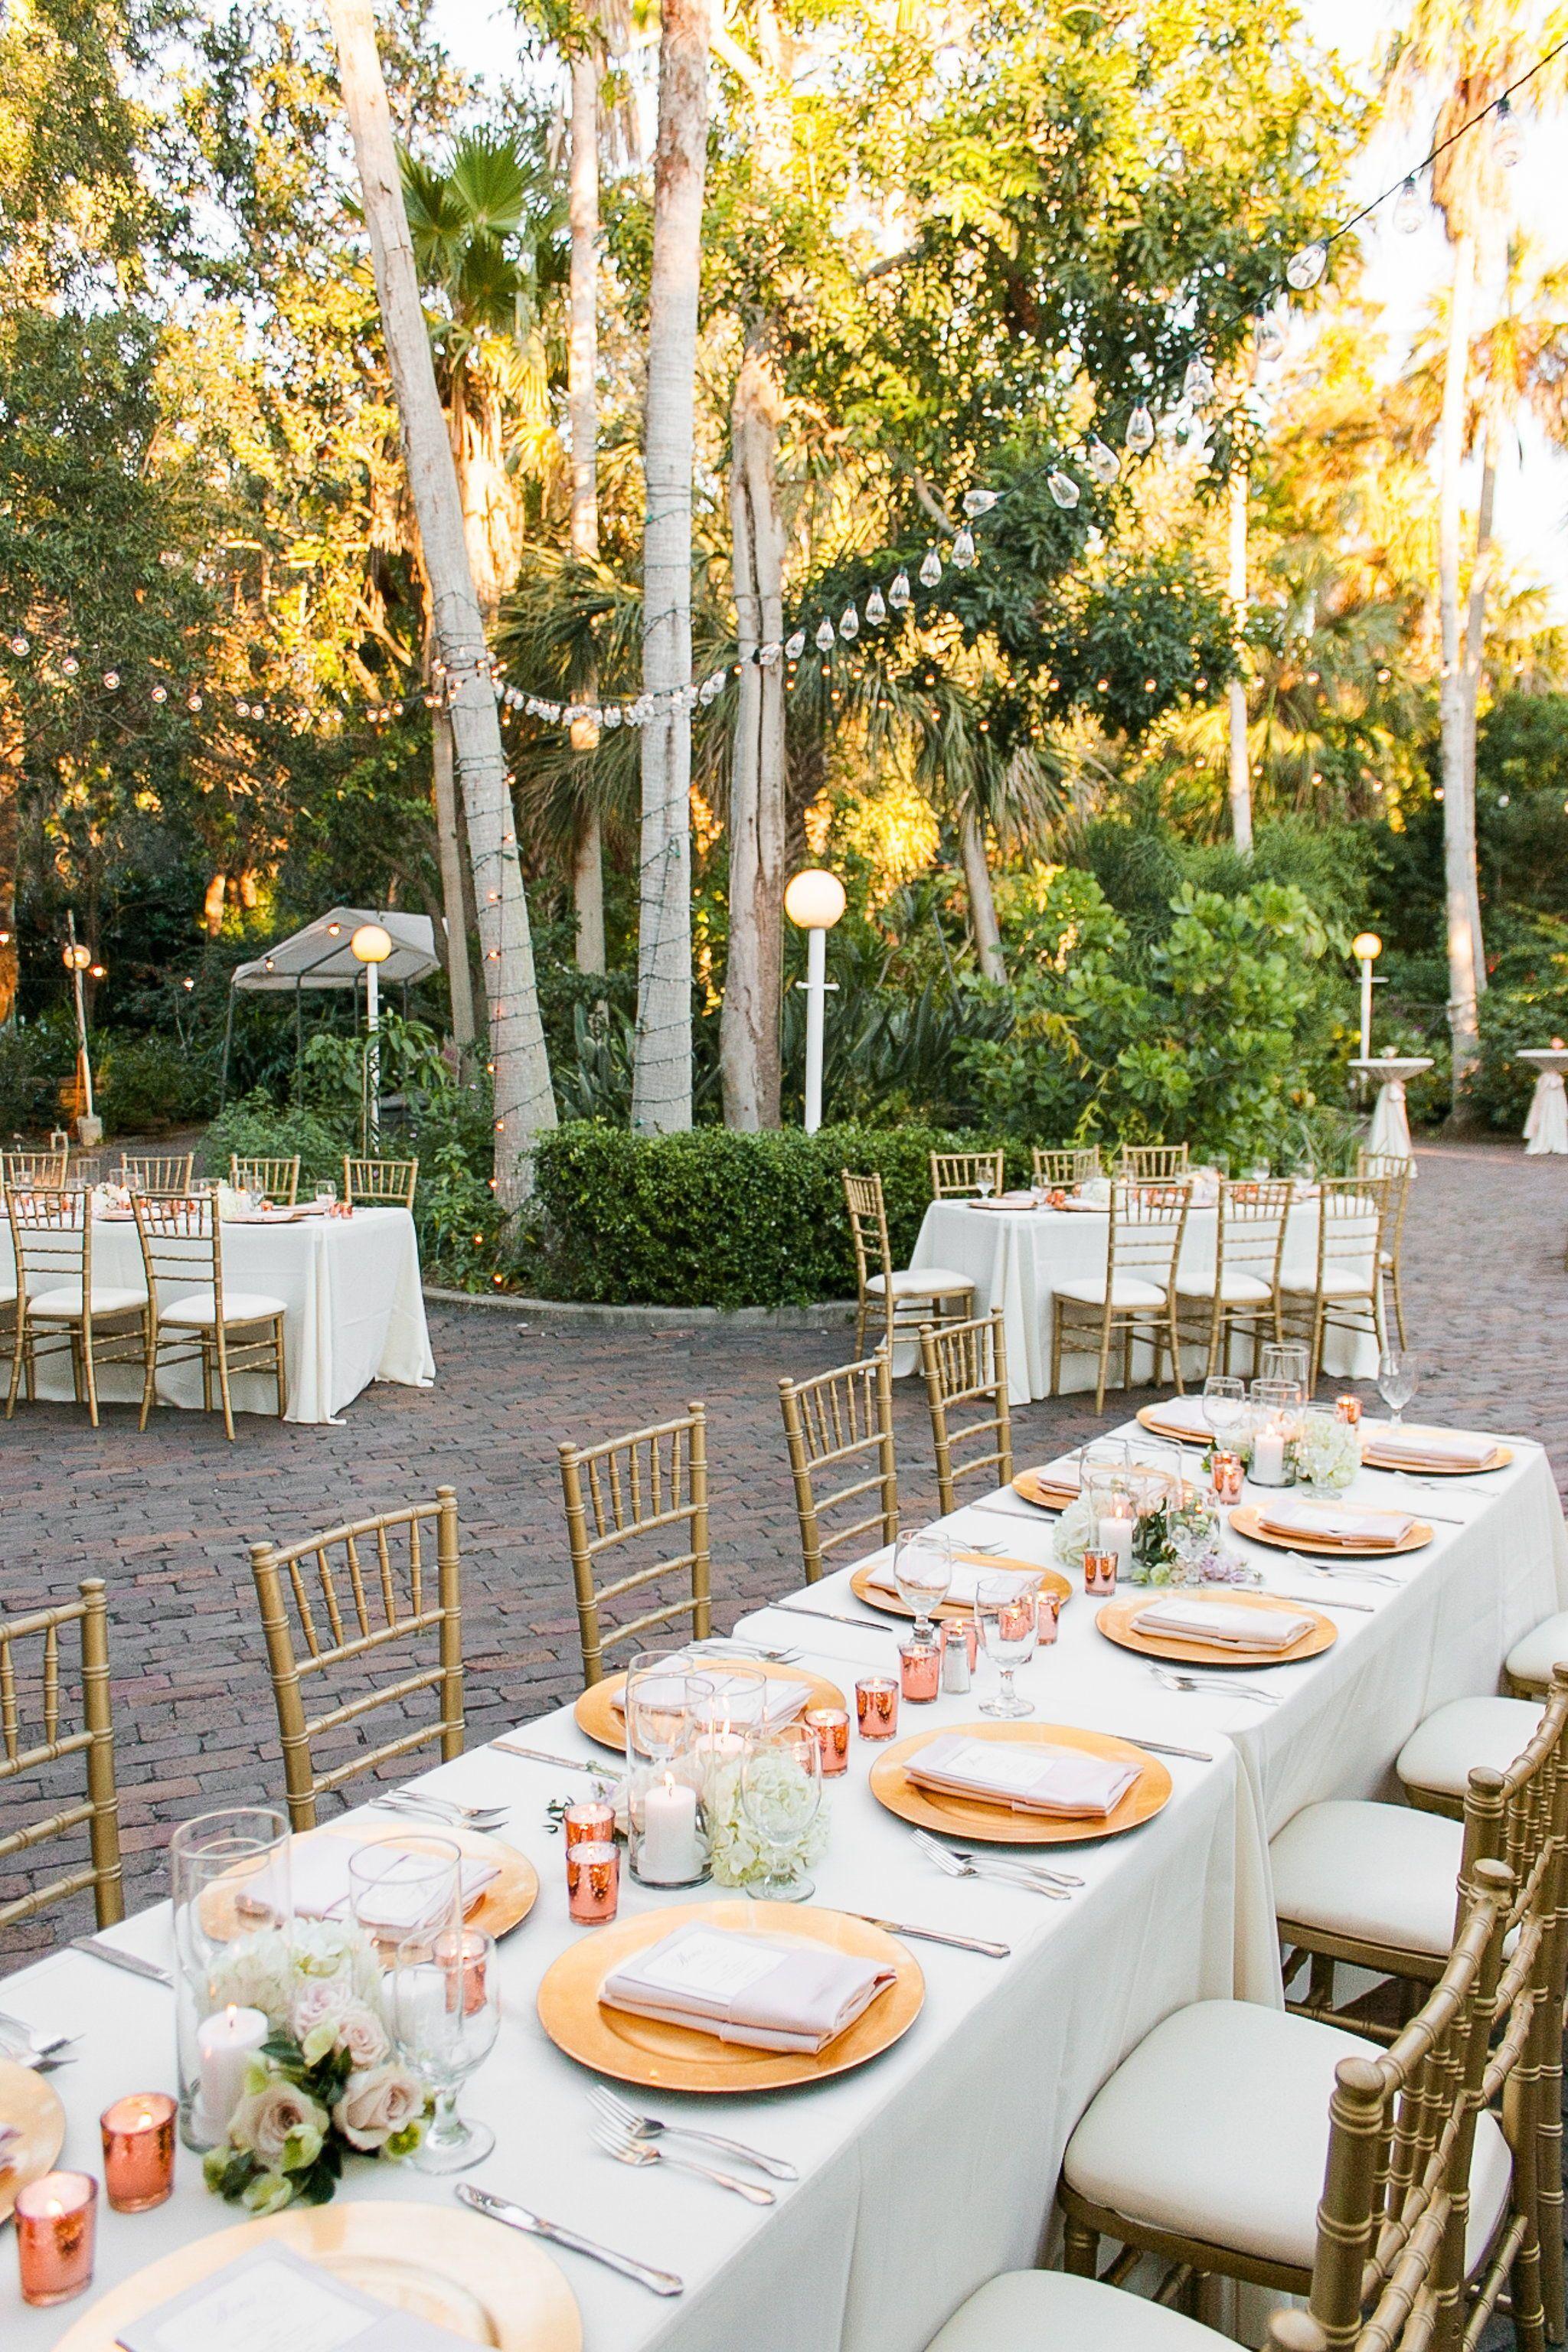 Sacred Lands St Pete Fl Wedding In 2020 Florida Wedding Tampa Wedding Venue St Petersburg Florida Wedding